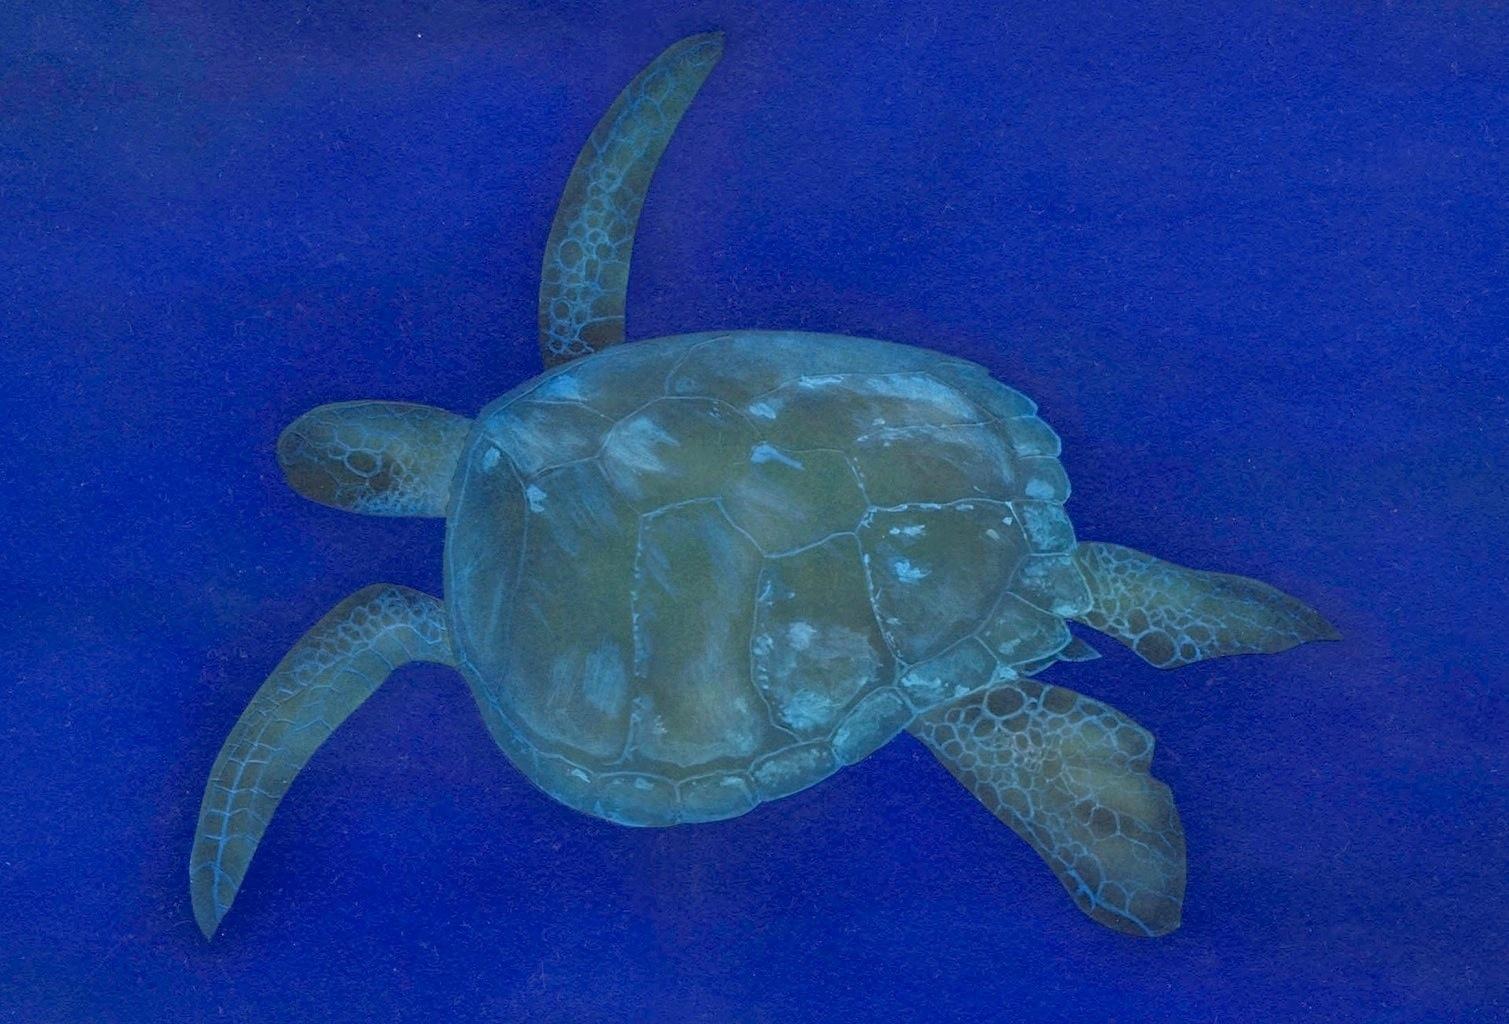 ウミガメの画像 p1_20